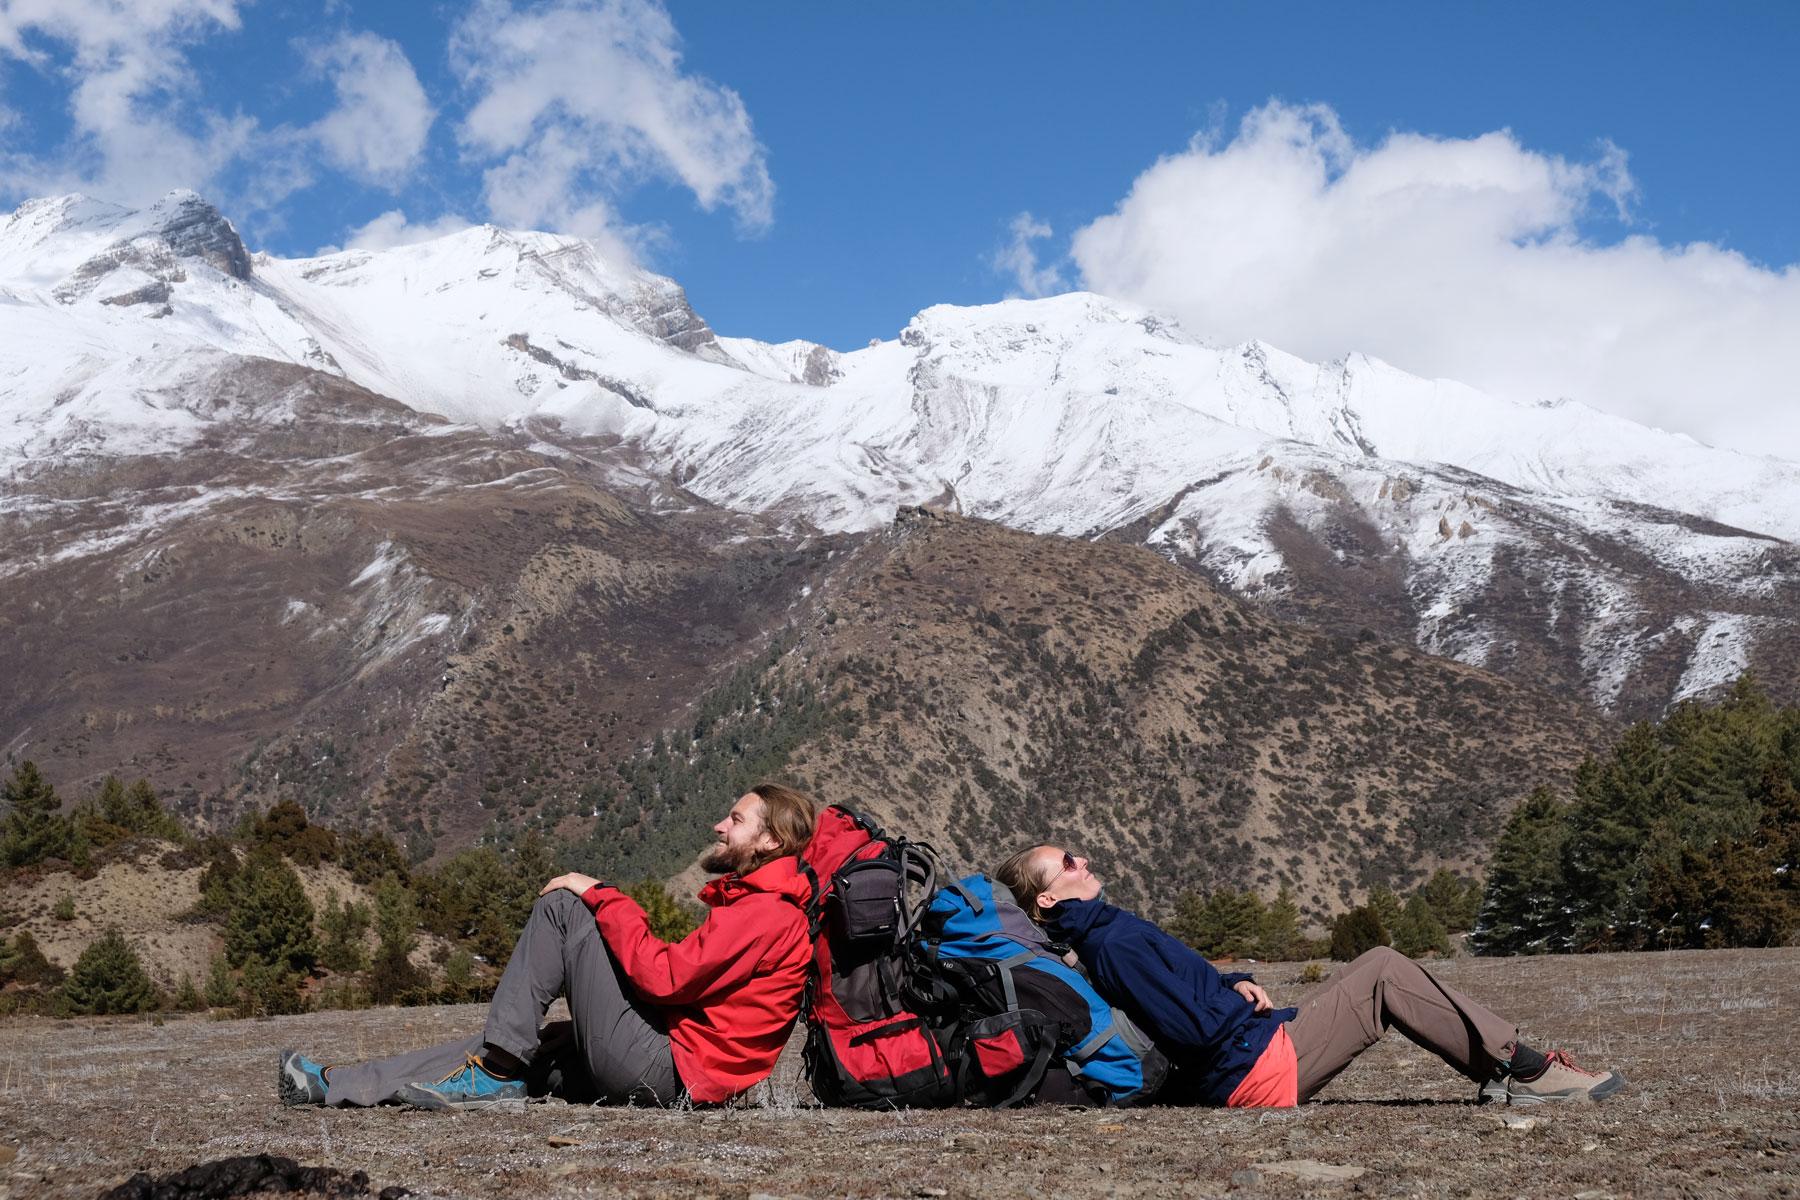 Sebastian und Leo sitzen an ihre Rucksäcke gelehnt vor einem schneebedeckten Berg im Himalaya.